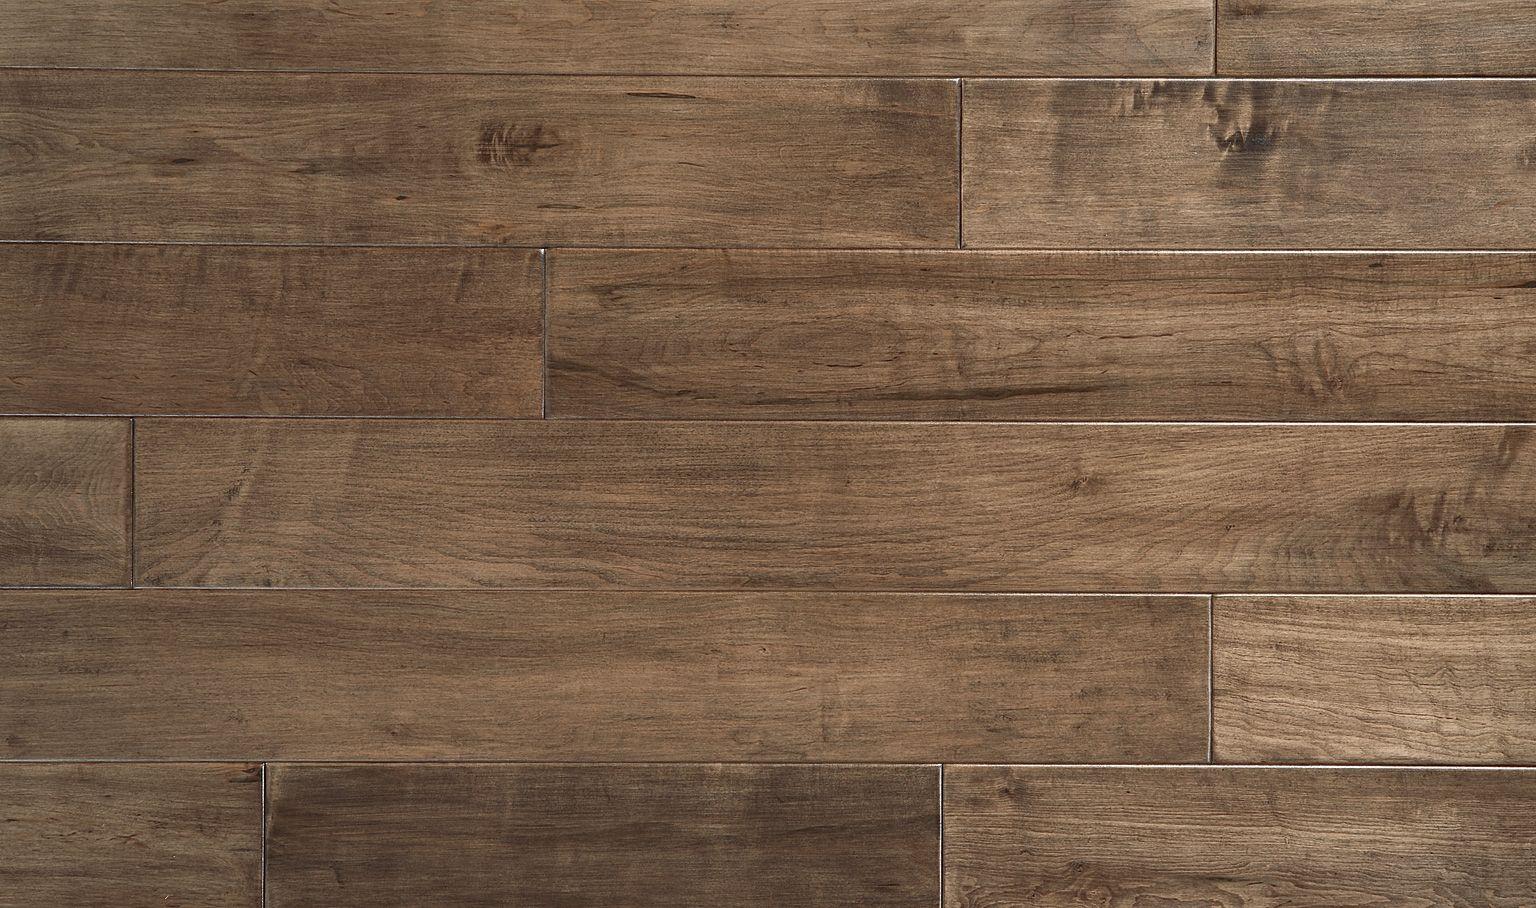 Antique Medium Brown Hardwood Floors Maple Hardwood